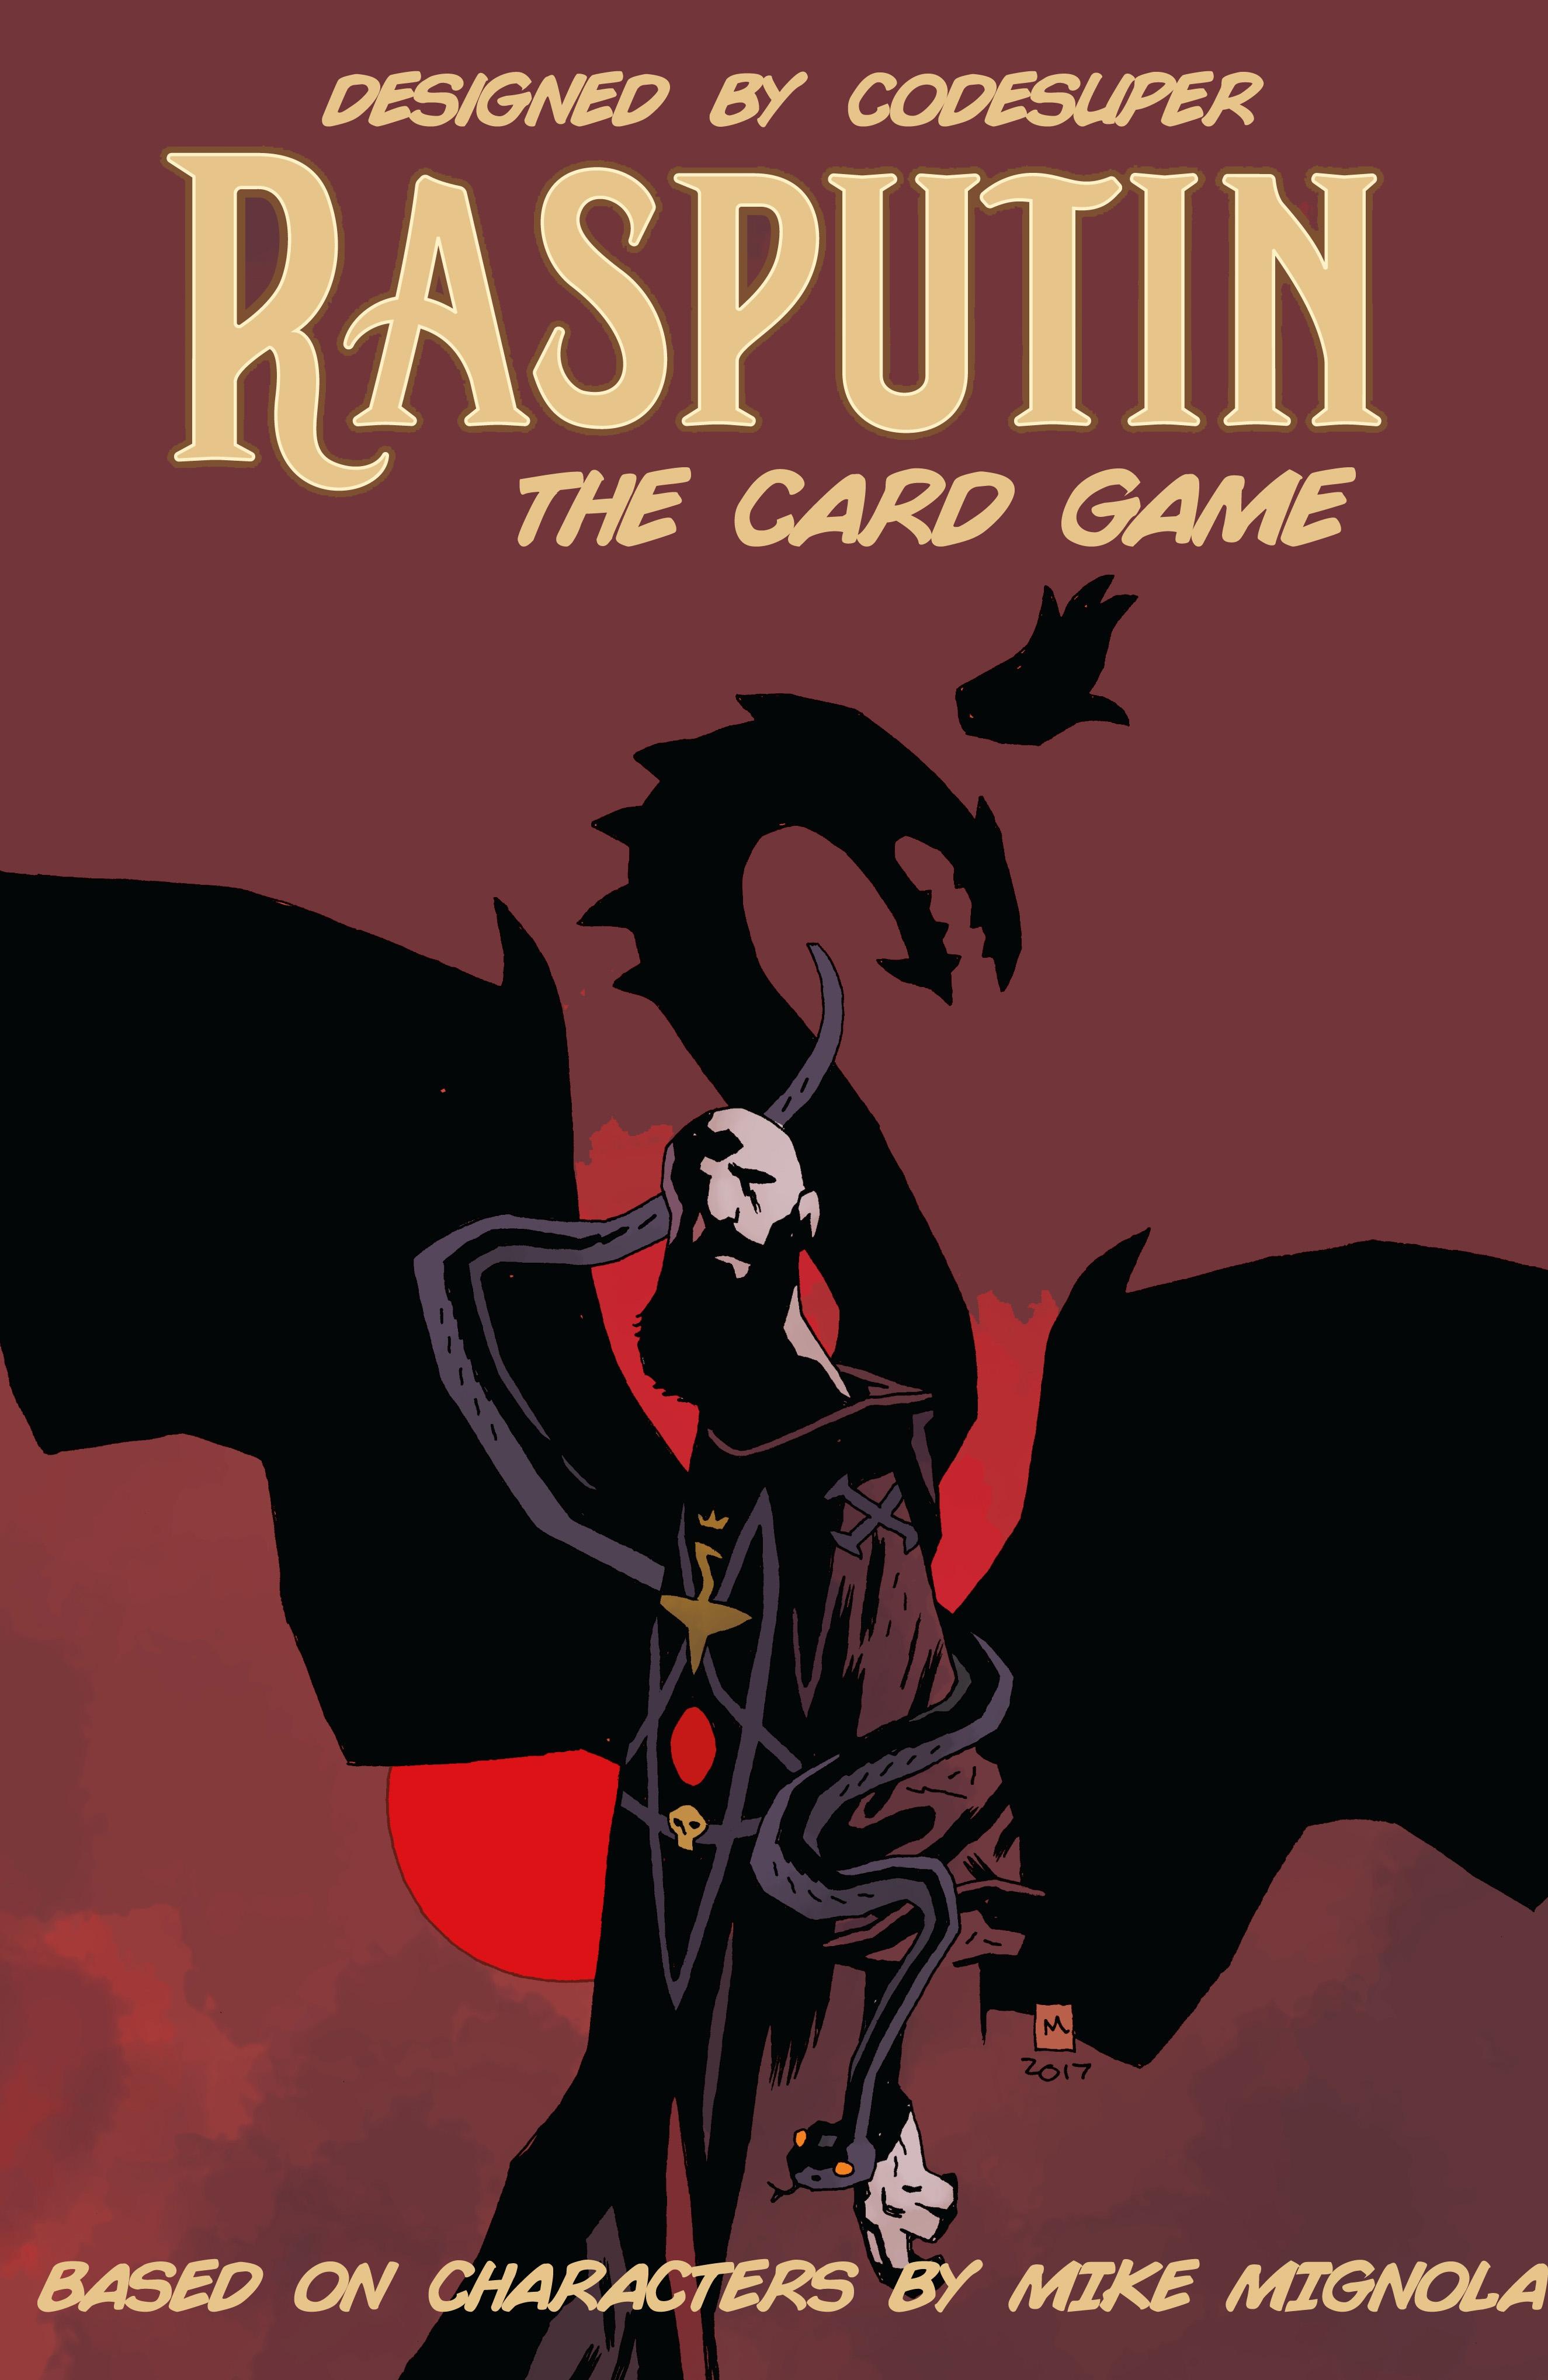 Rasputin: The Card Game